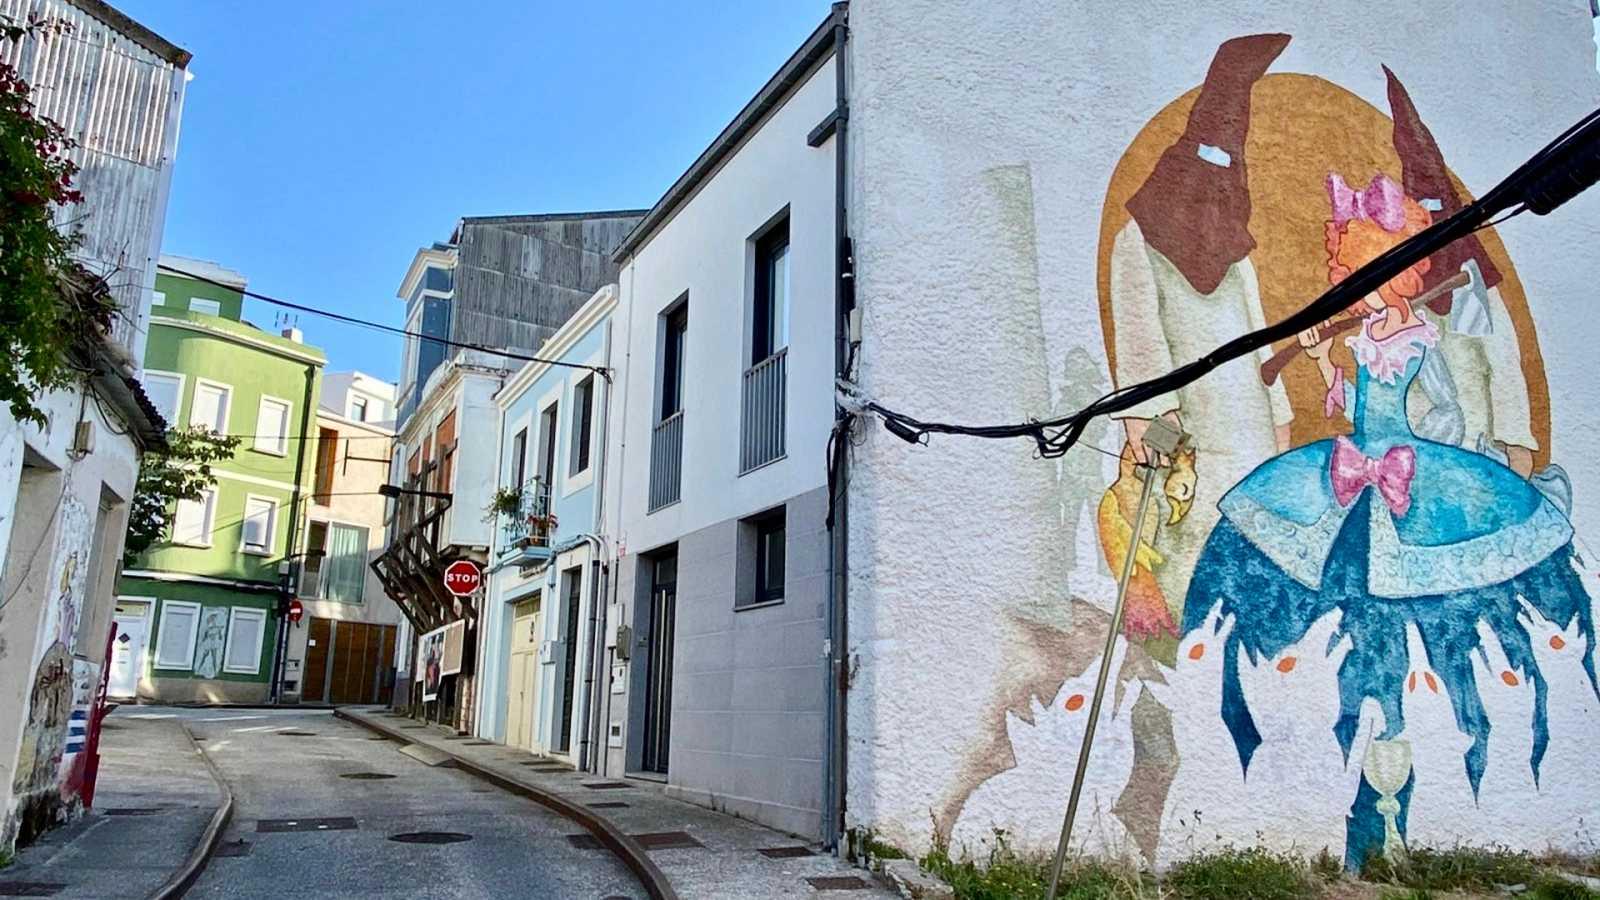 Global 5 - Arte Urbano A Coruña (I): Revolución en Canido, Ferrol - 01/09/20 - Escuchar ahora